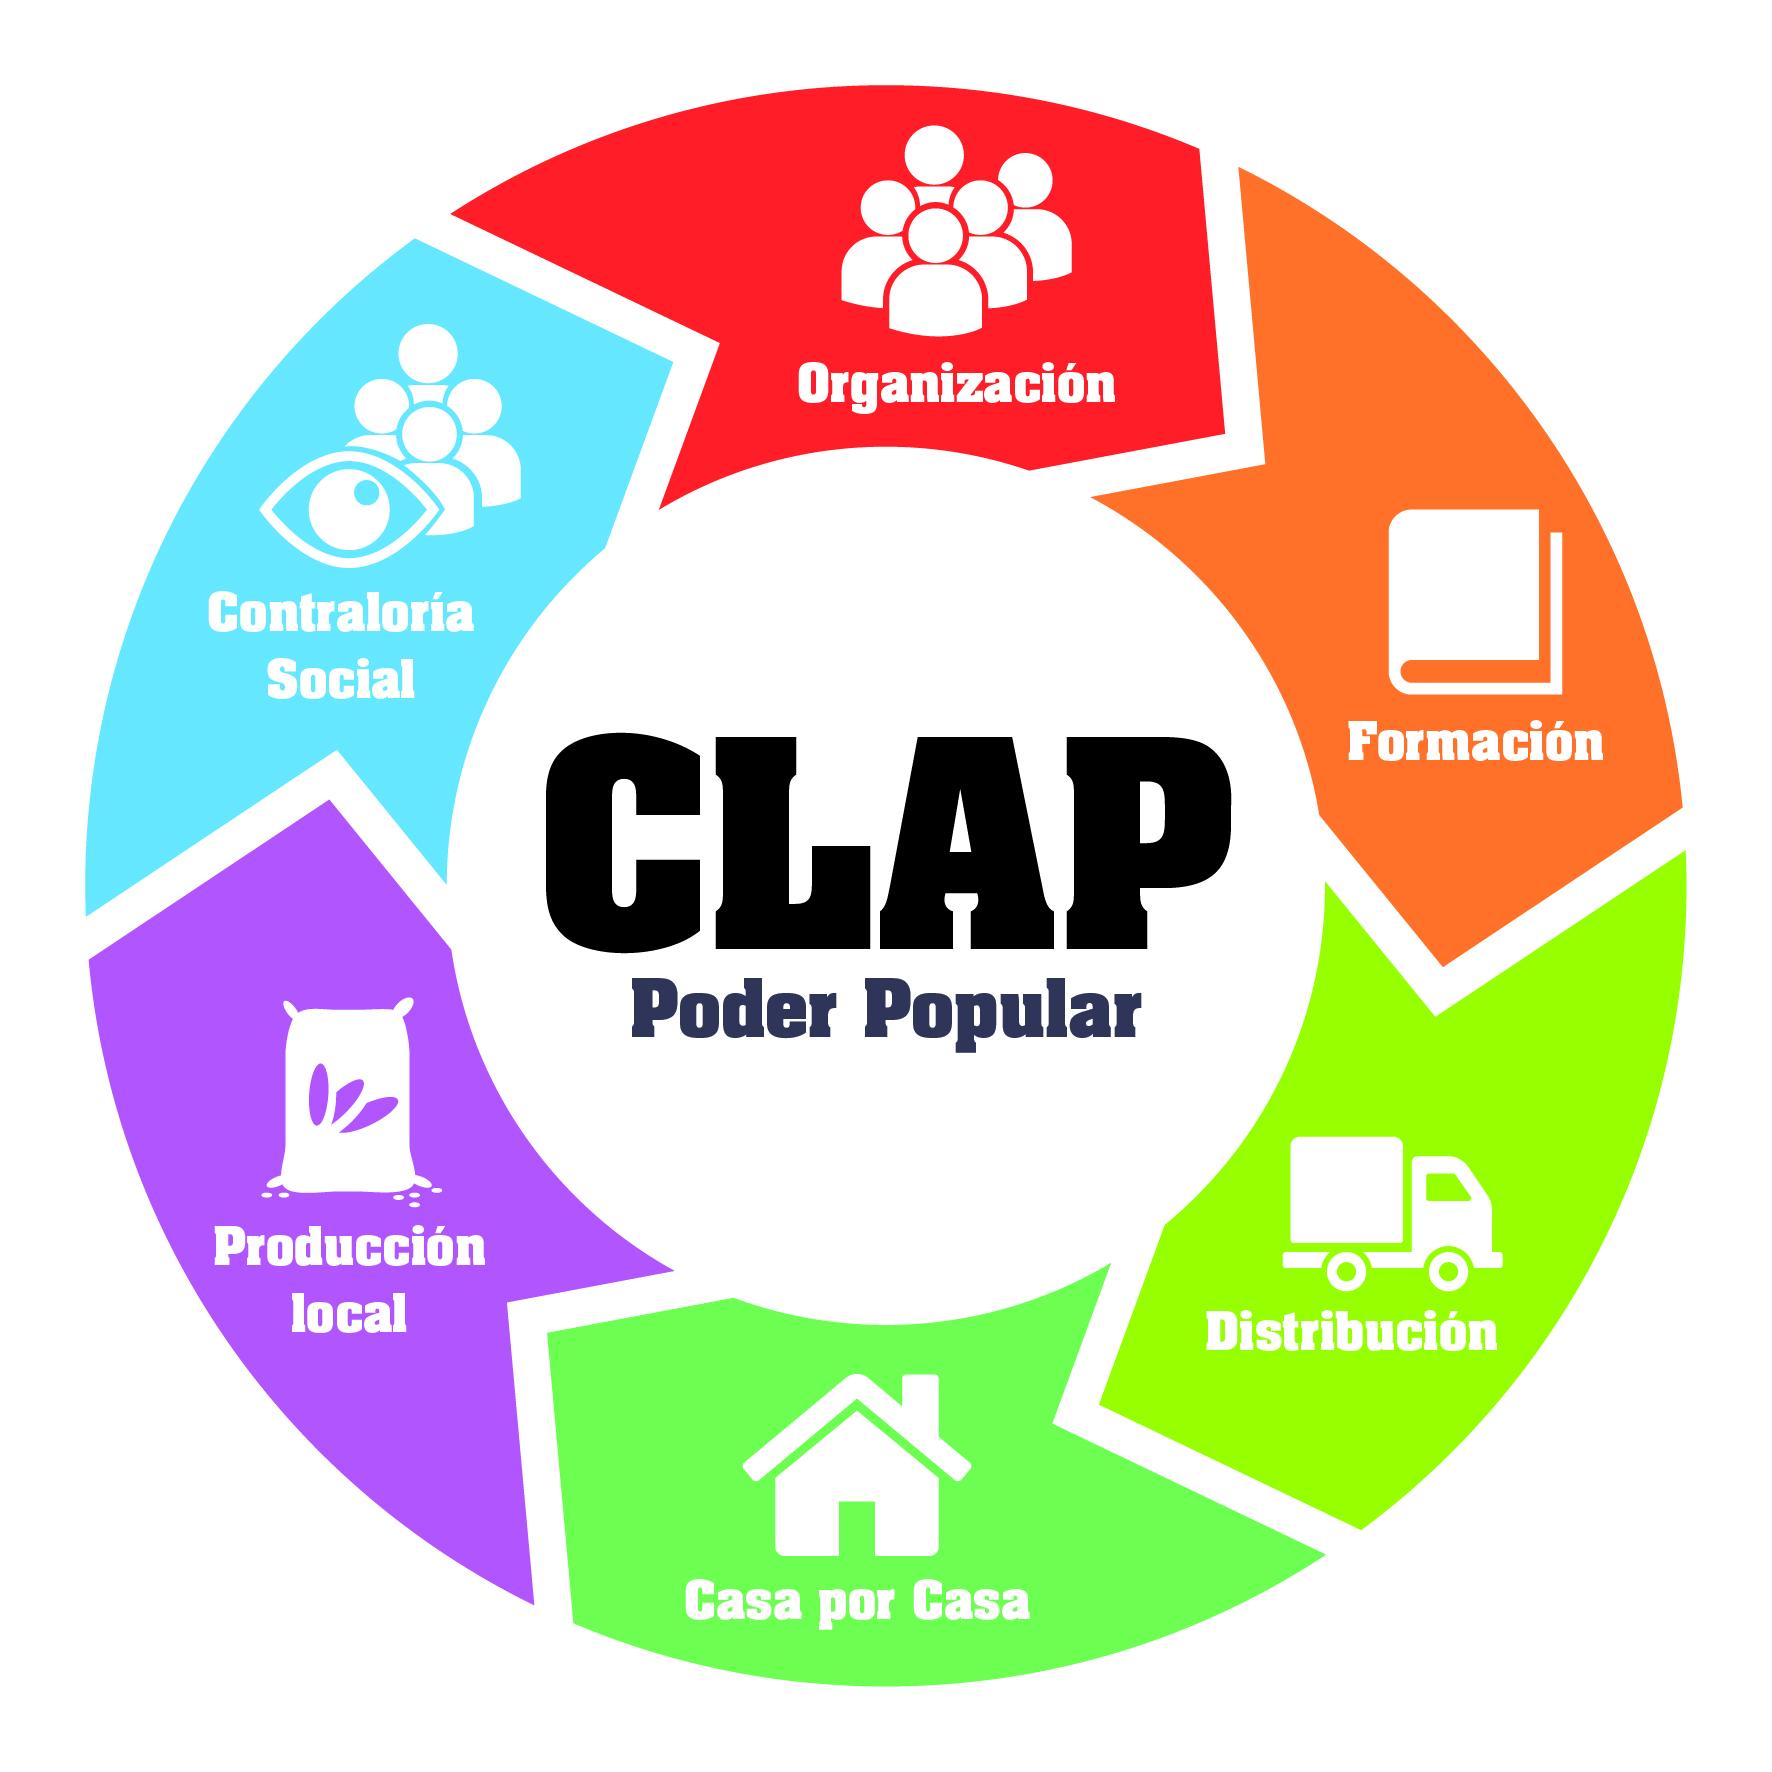 Los Clap Objetivo Y Funcionamiento Microjuris Venezuela